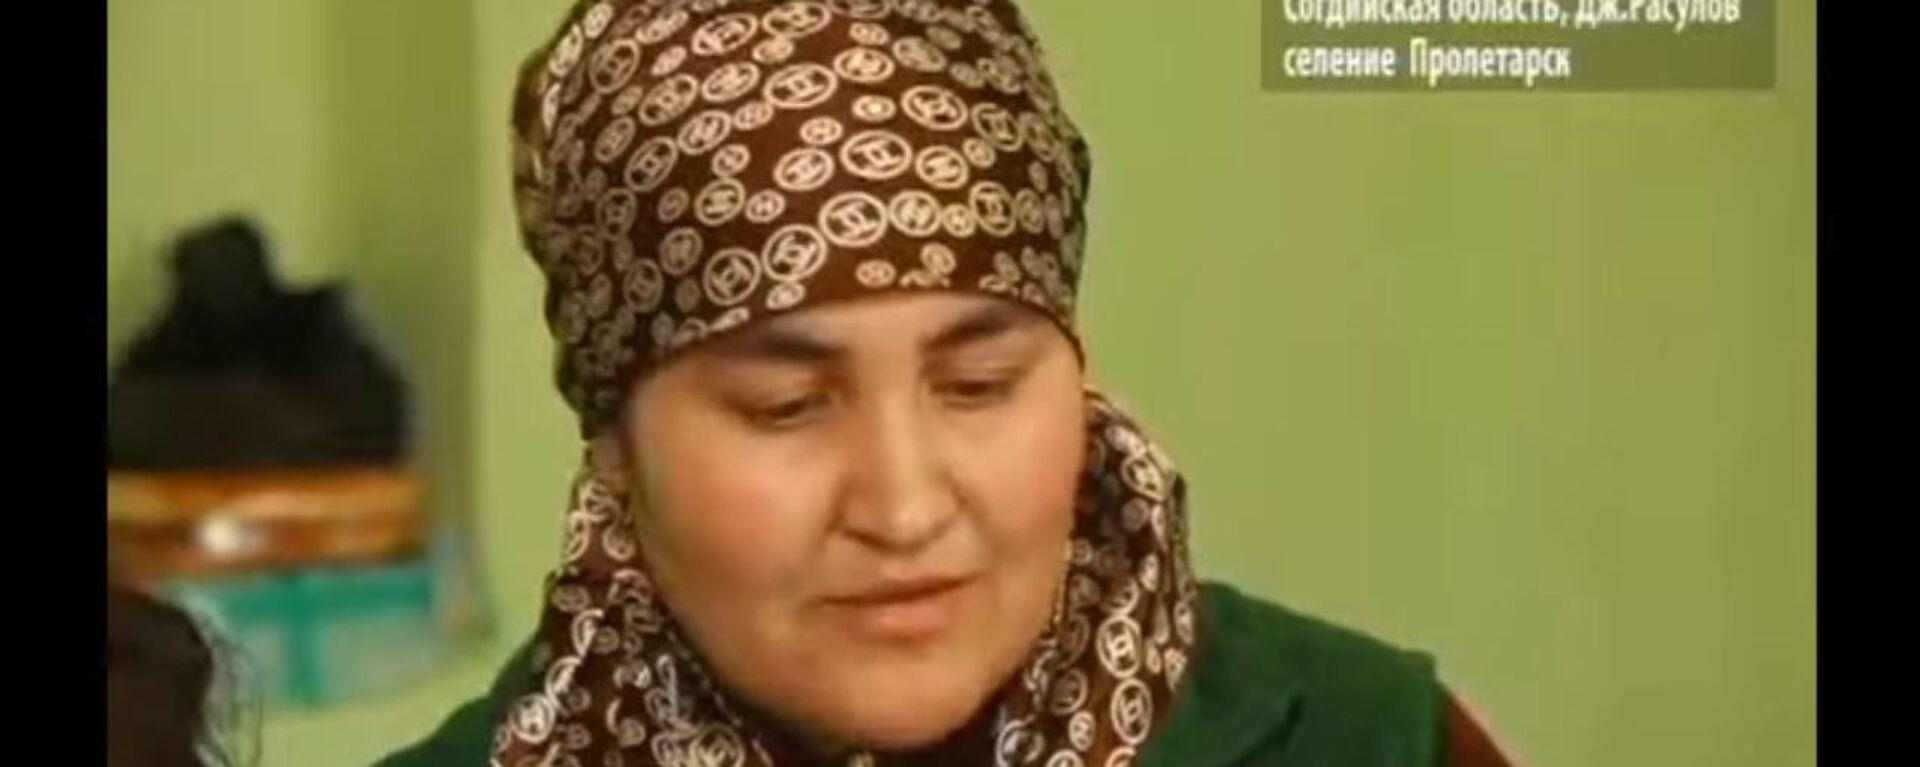 Интервью таджикской беженки из Афганистана - Sputnik Таджикистан, 1920, 05.10.2019